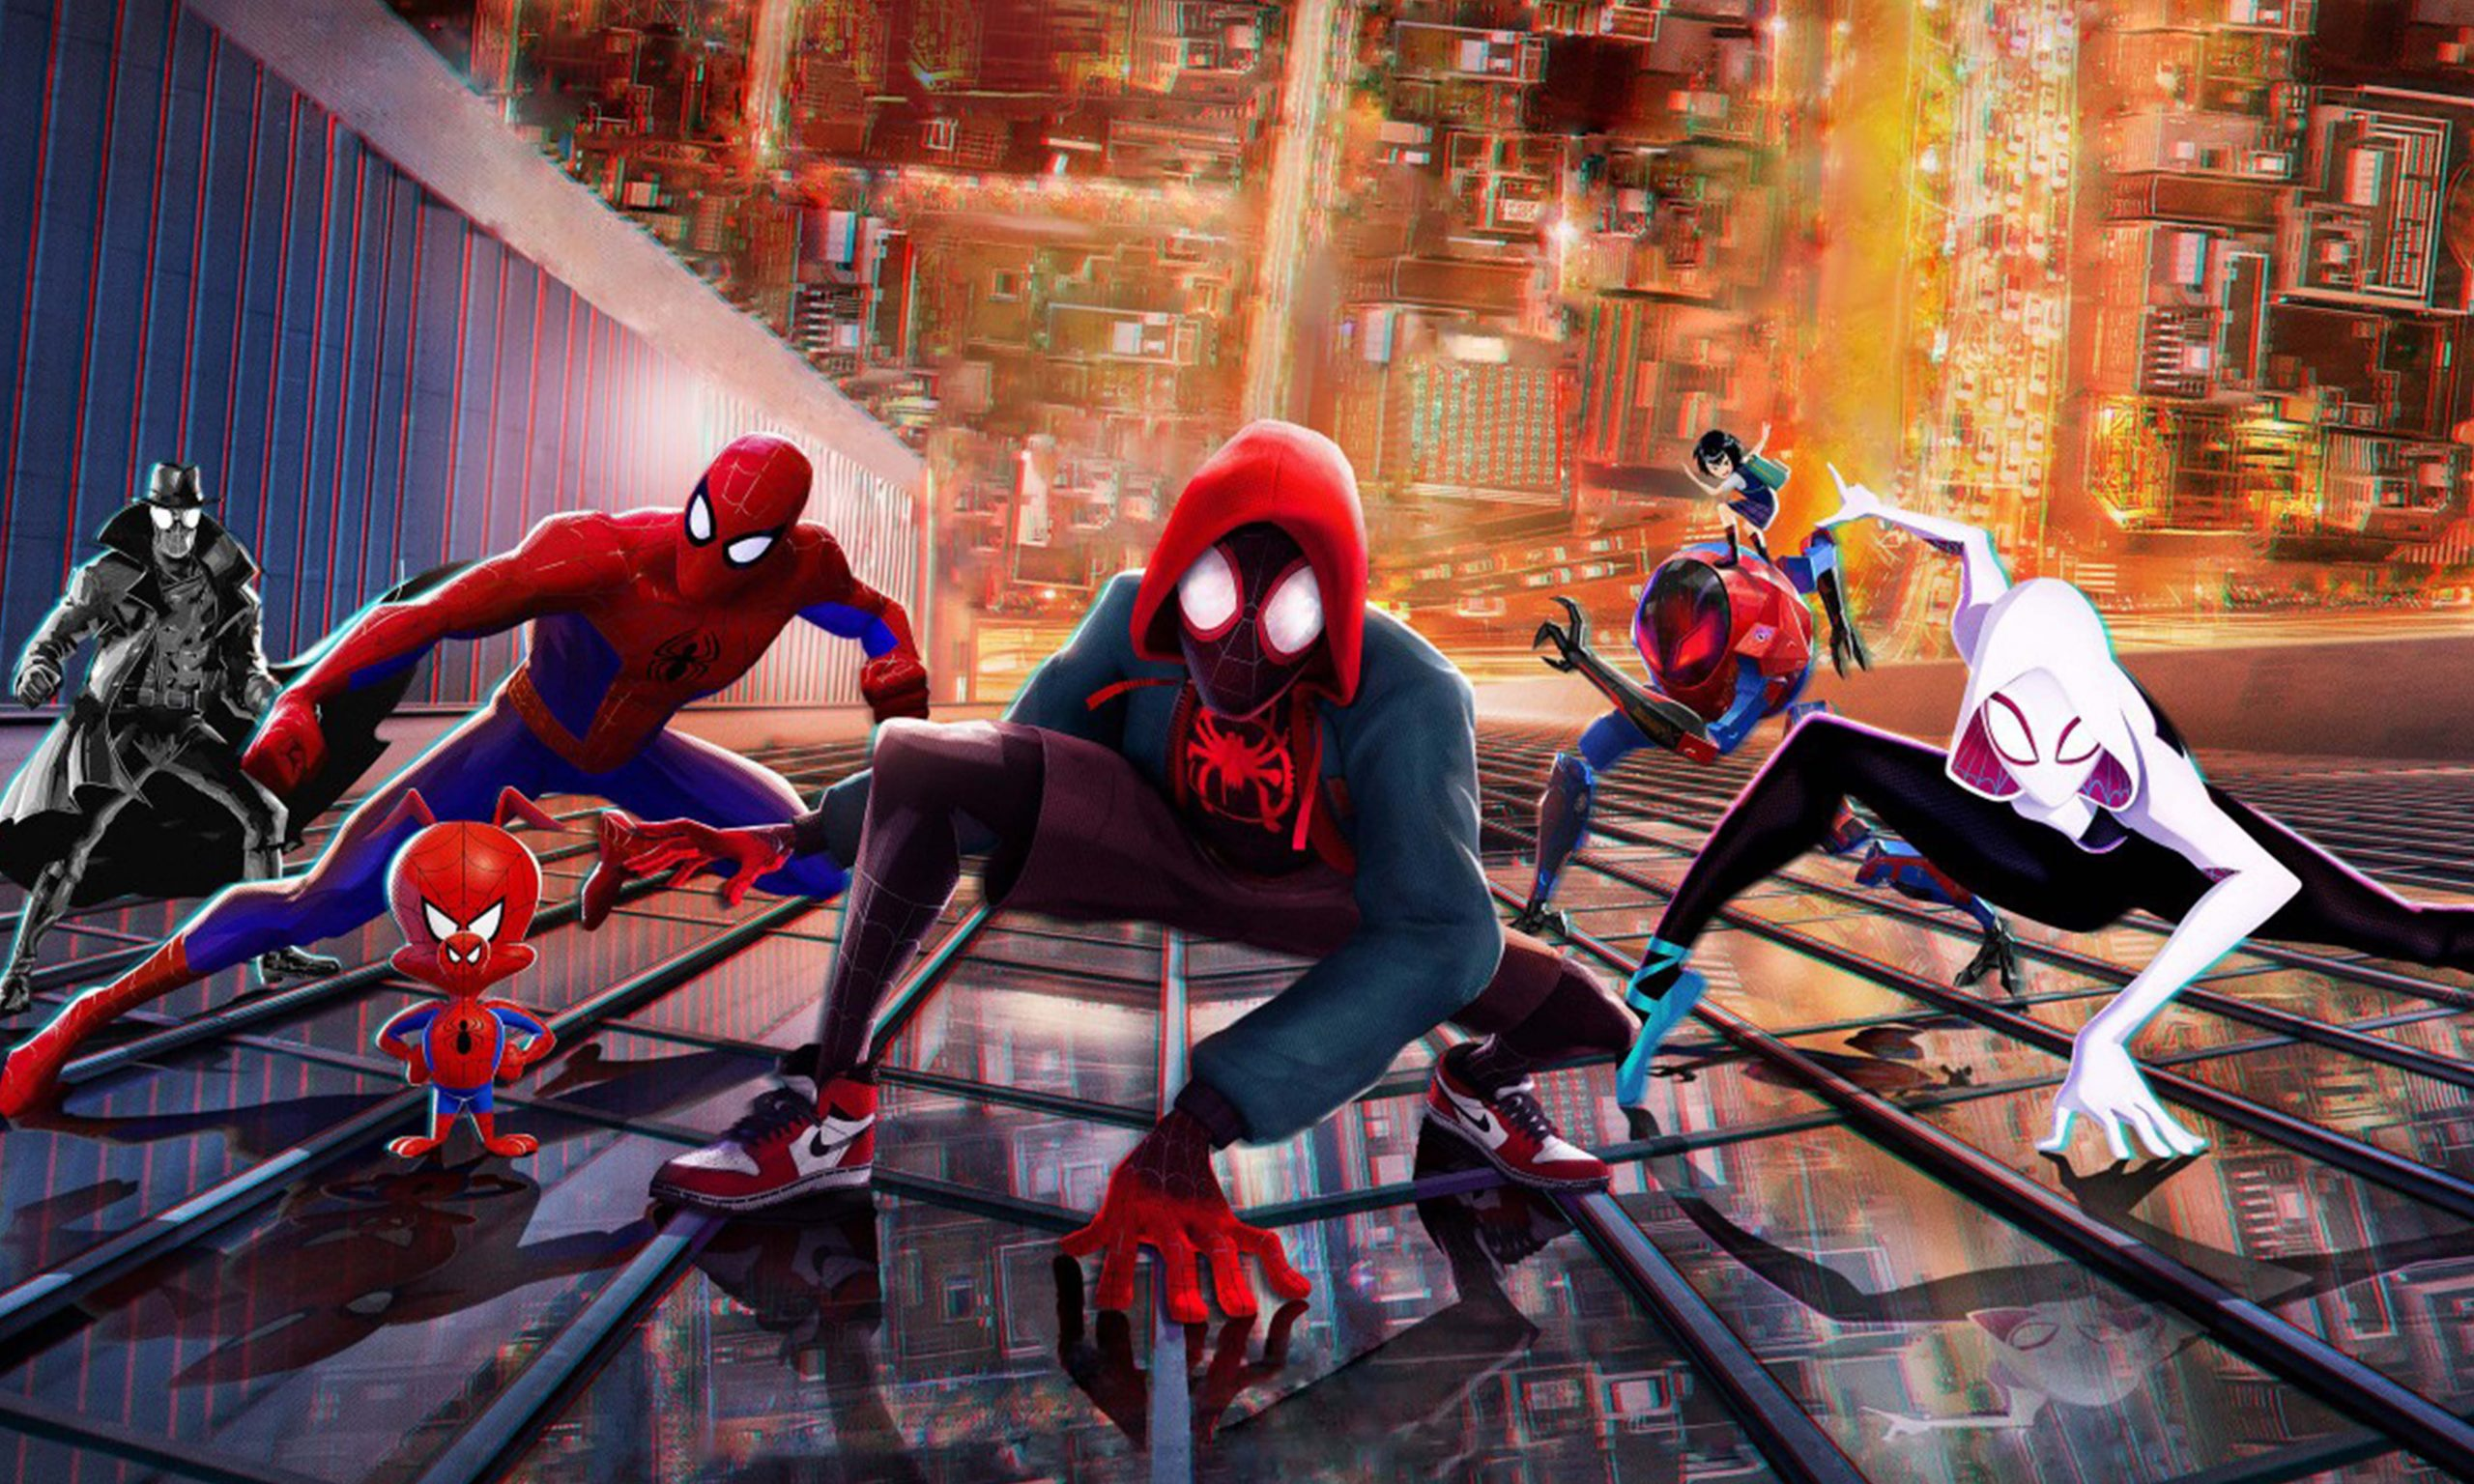 《蜘蛛侠:平行宇宙 》续集开始制作